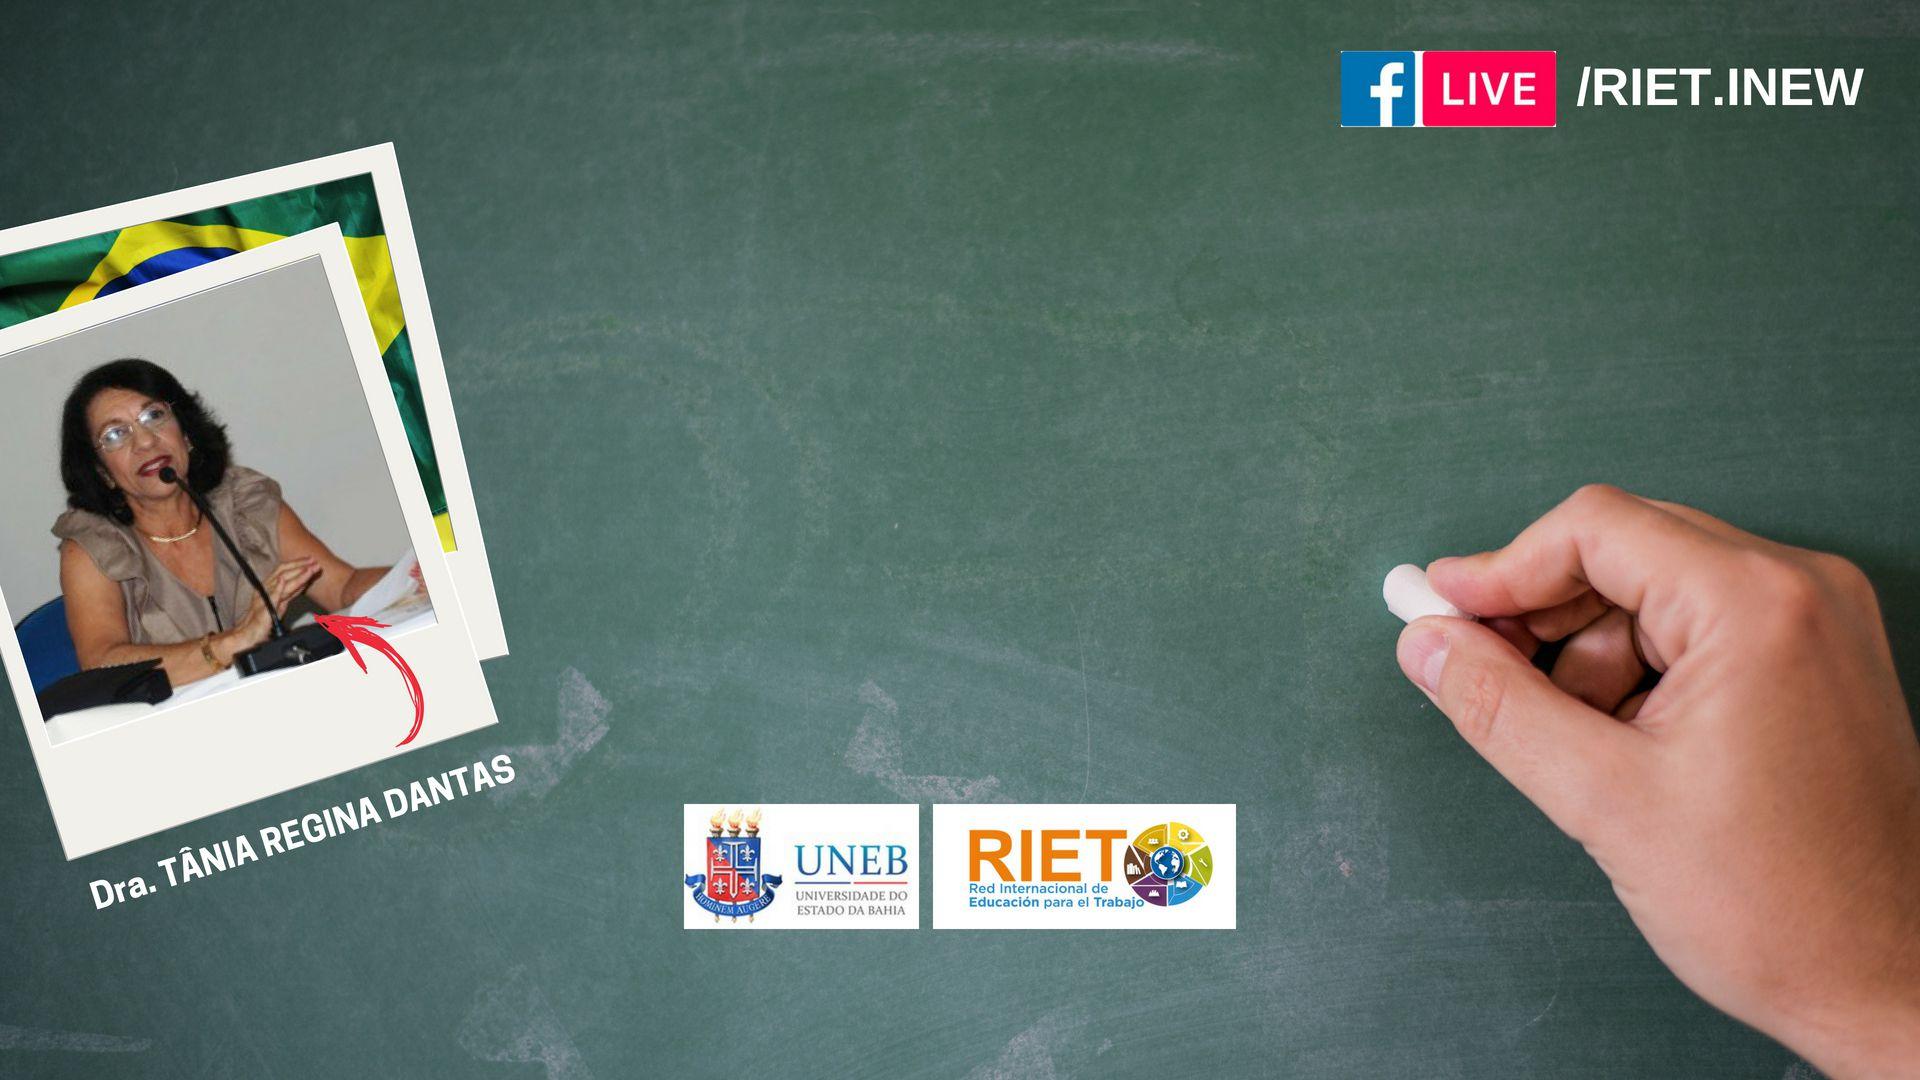 ¿Querés conocer cómo es la formación de profesores en la educación de jóvenes y adultos, desde la perspectiva de la inclusión social en Brasil?